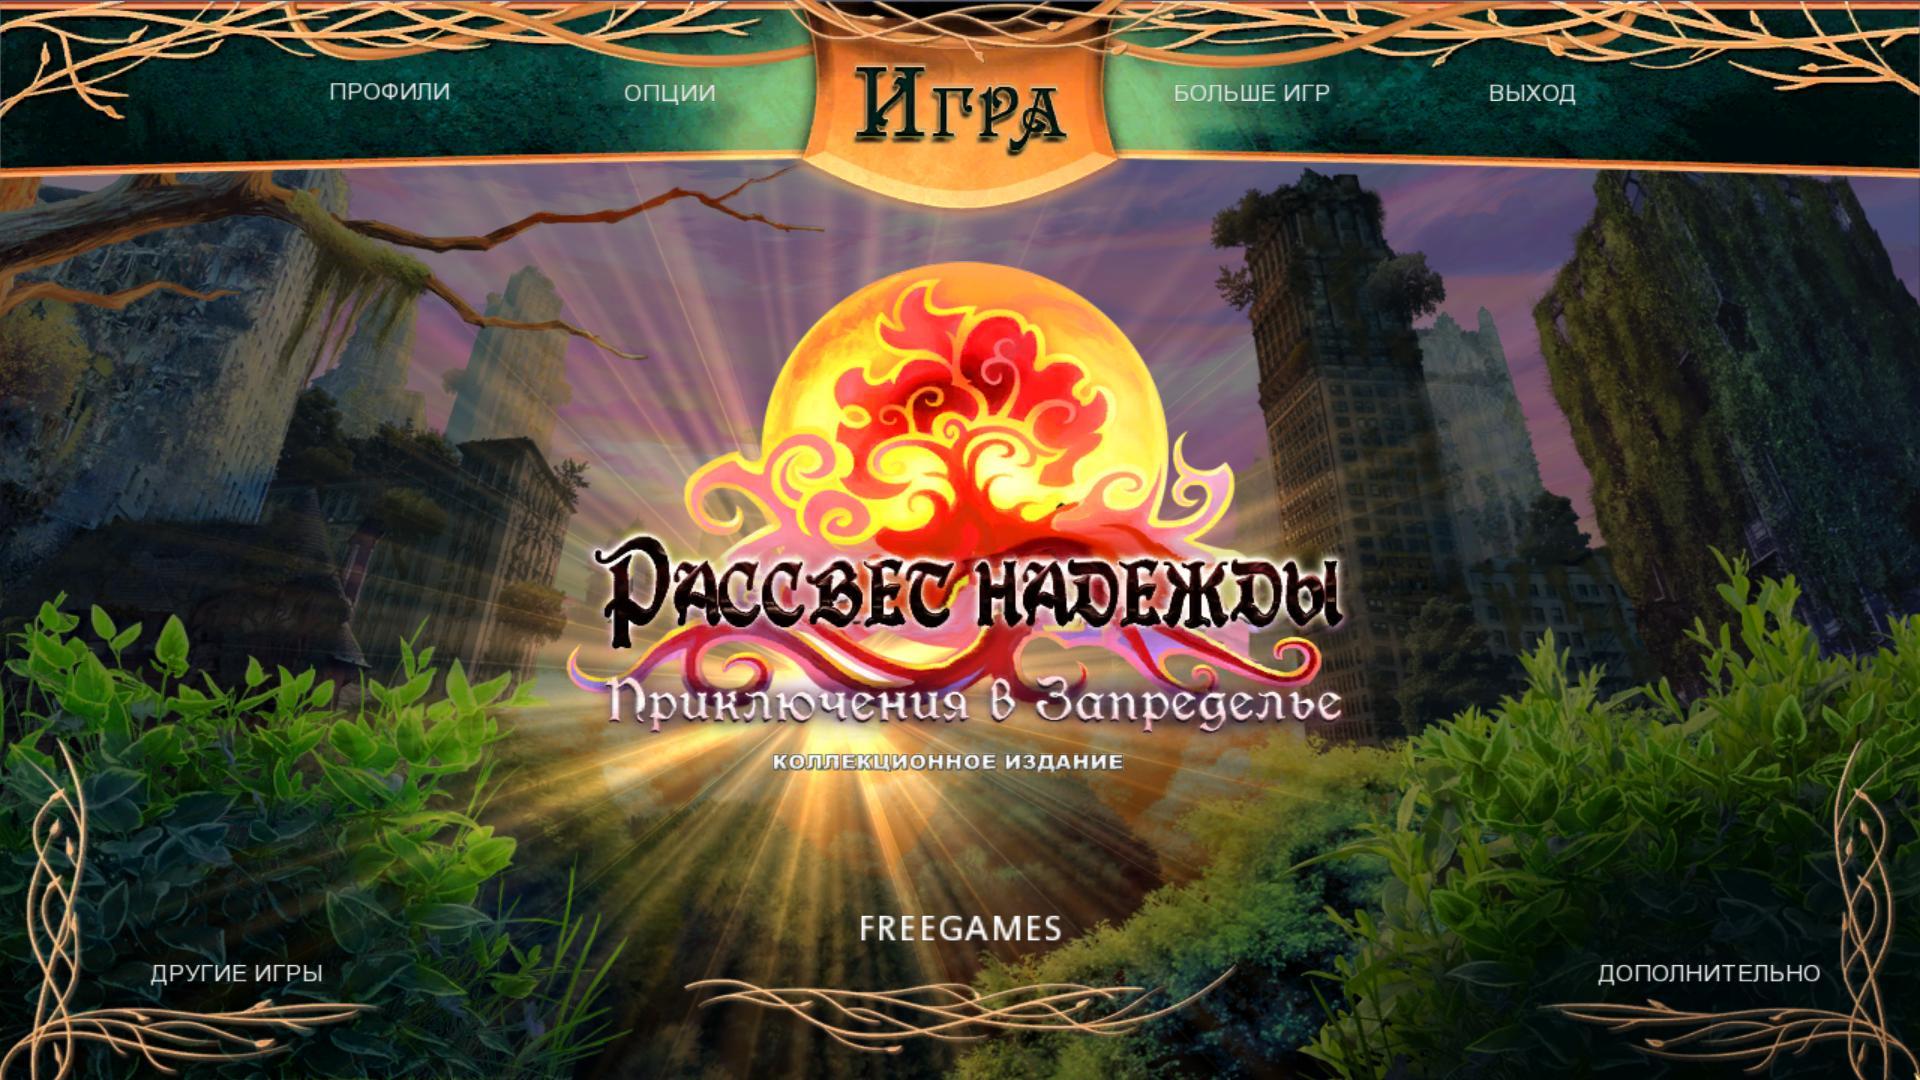 Рассвет надежды: Приключения в Запределье. Коллекционное издание | Dawn of Hope: Skyline Adventure CE (Rus)